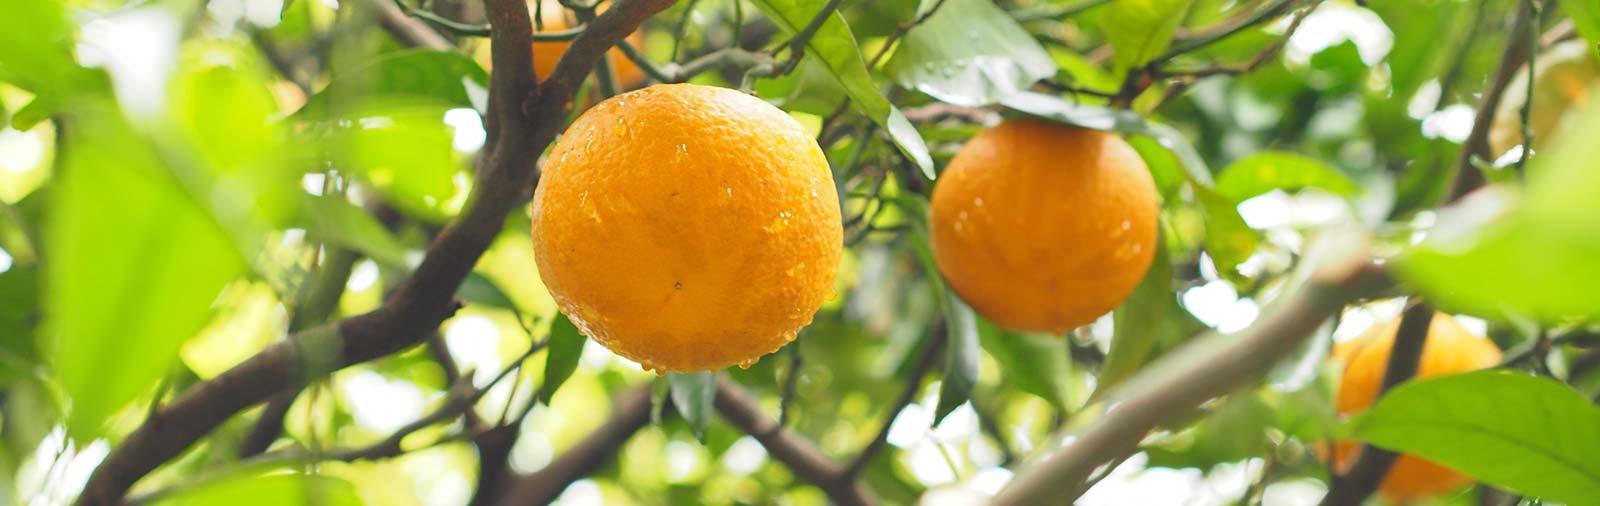 Bigarade - Citrus aurantium amara L.